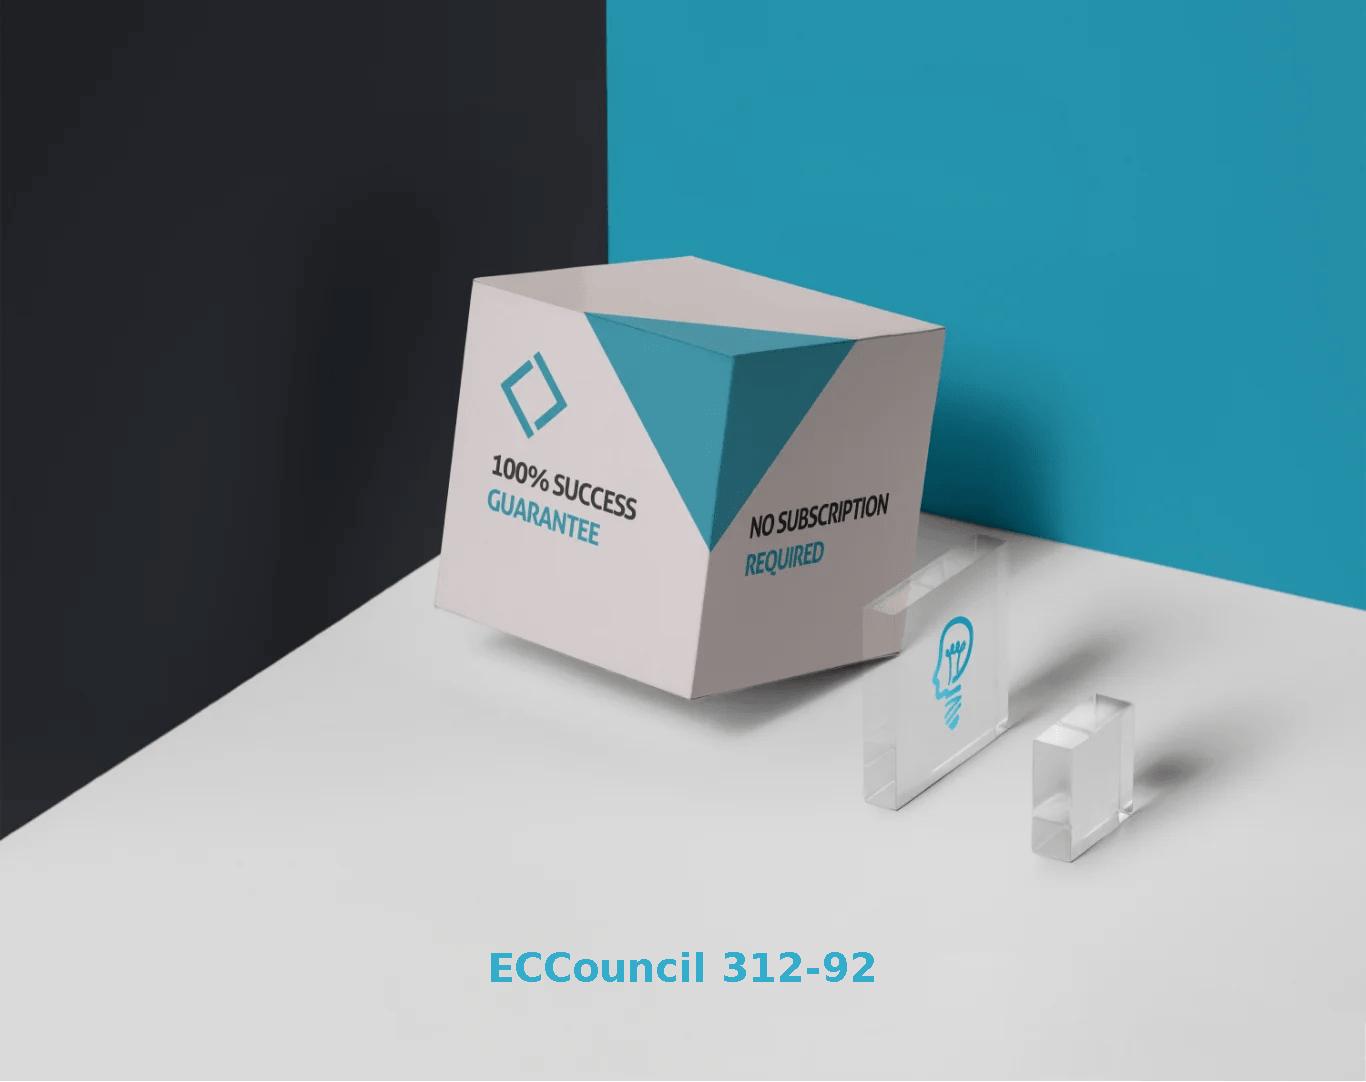 ECCouncil 312-92 Exams